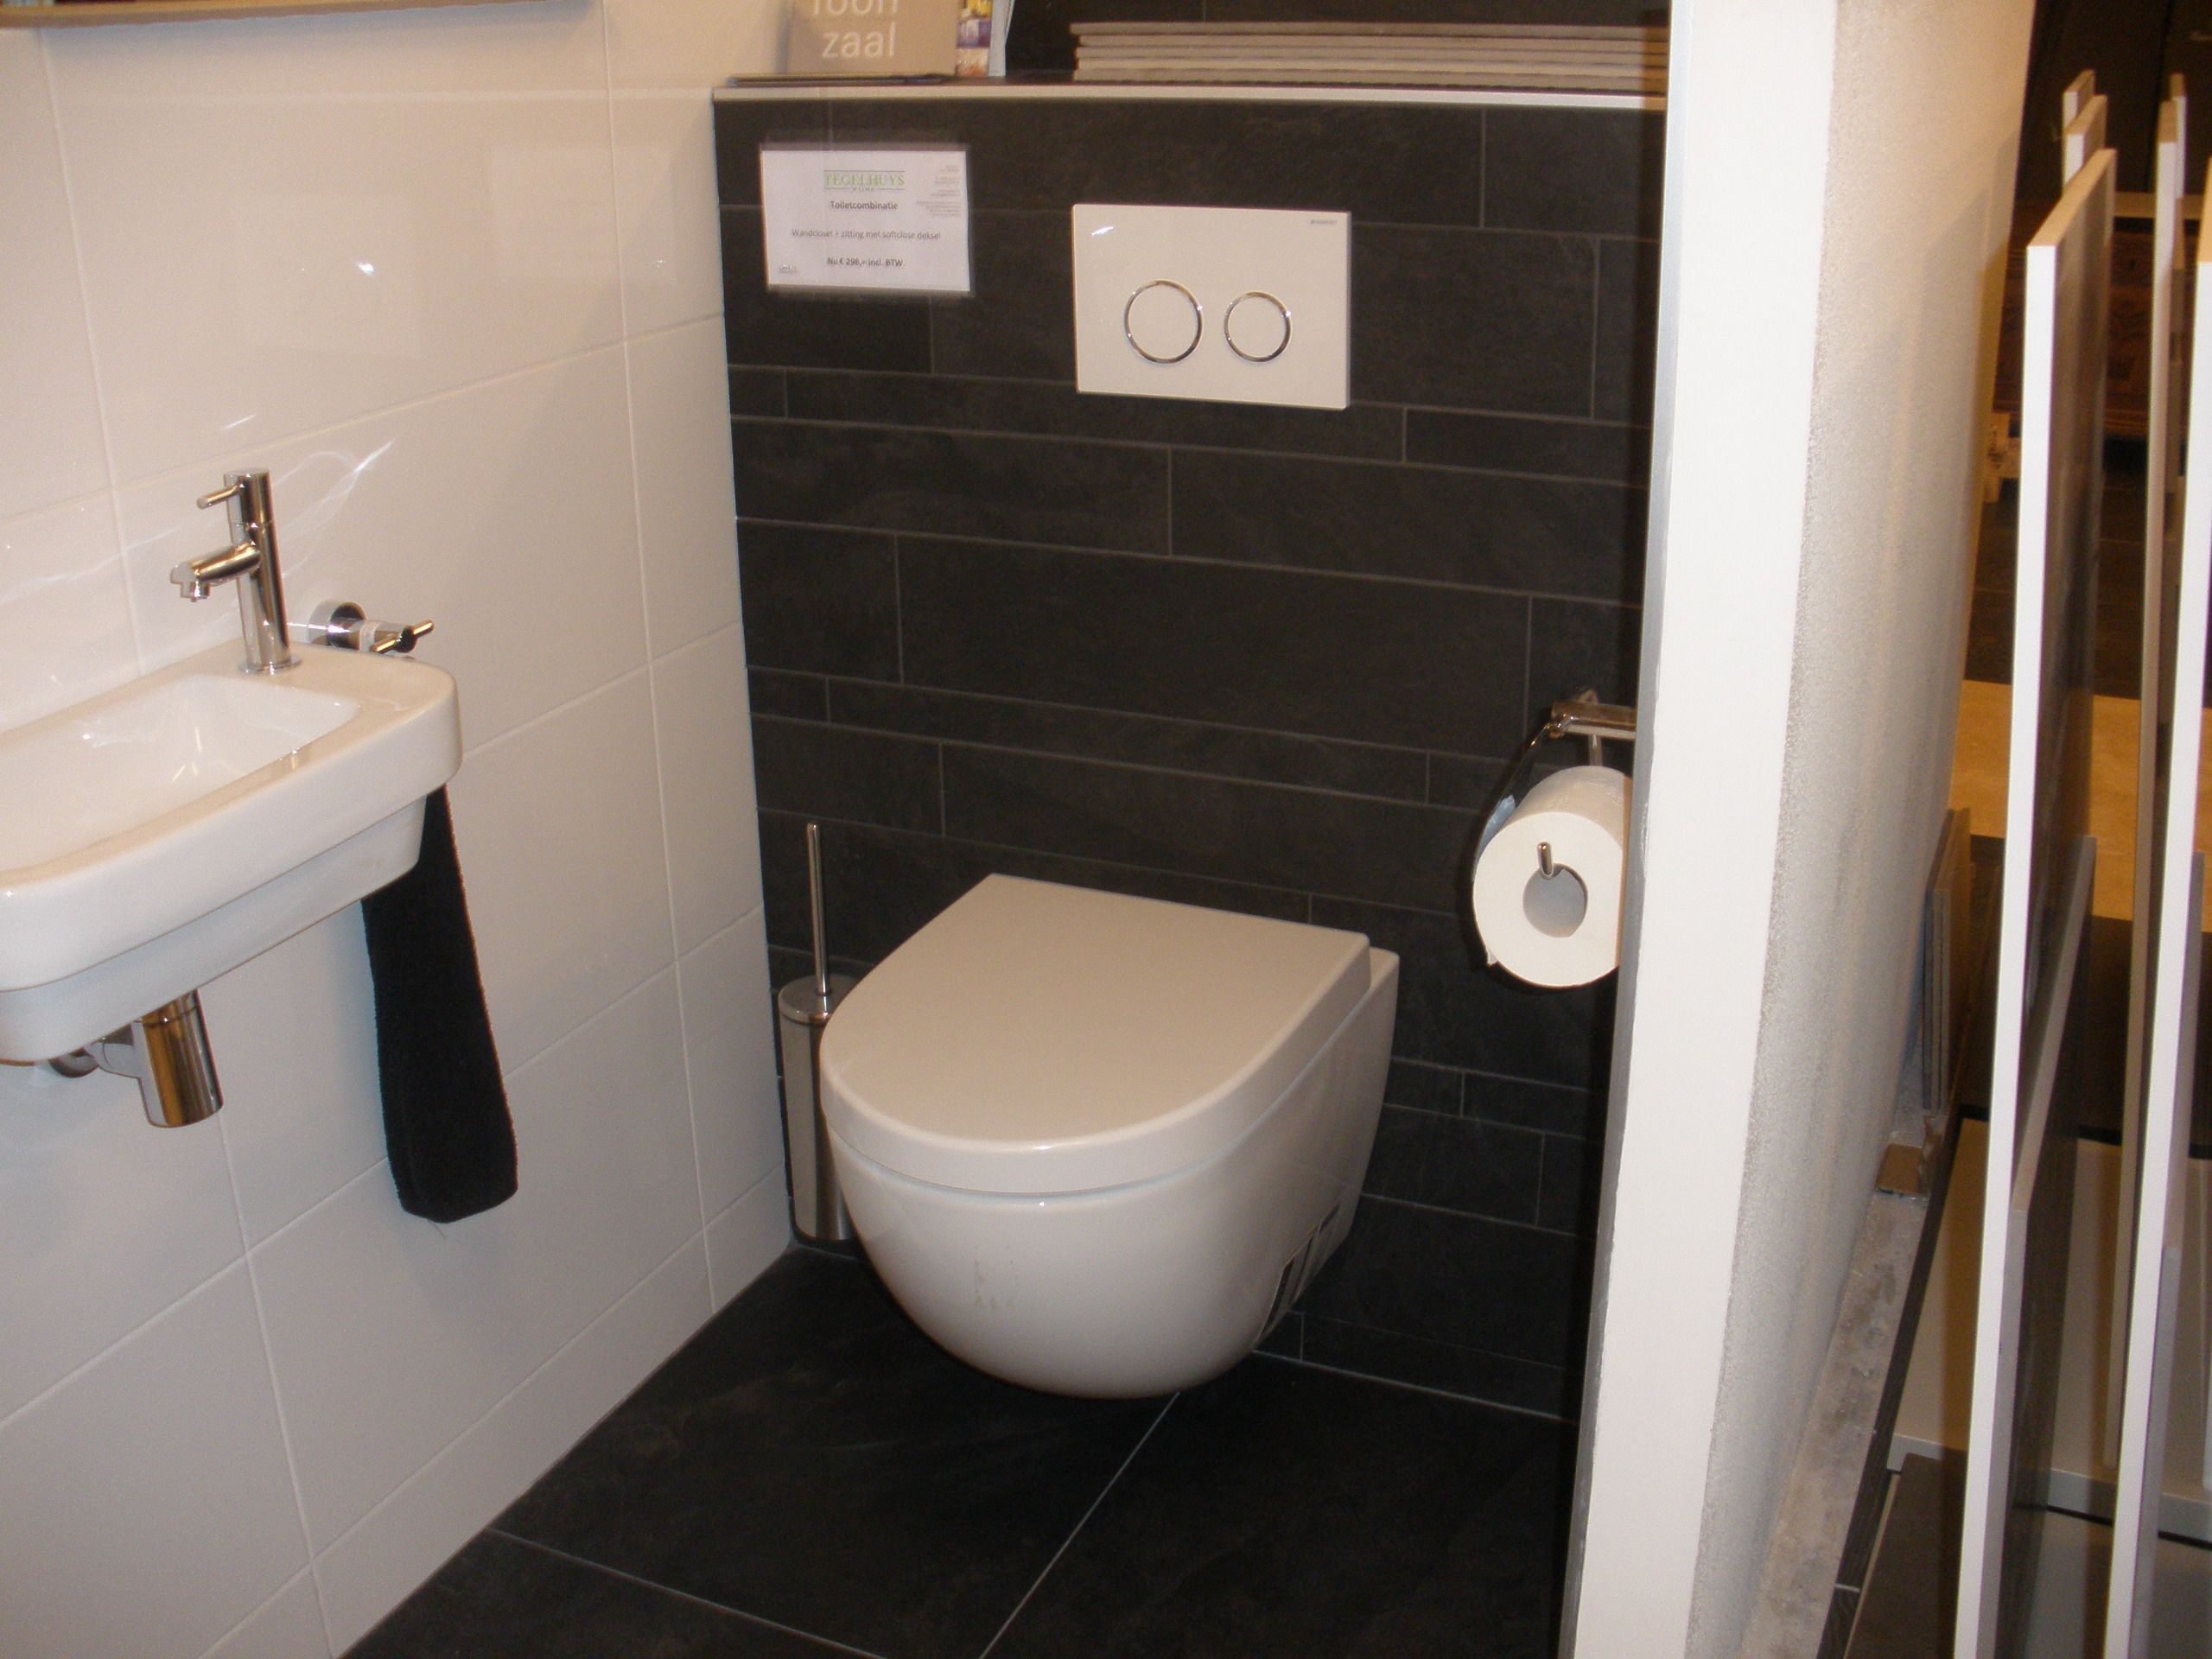 Deco wc zwart maison design obas